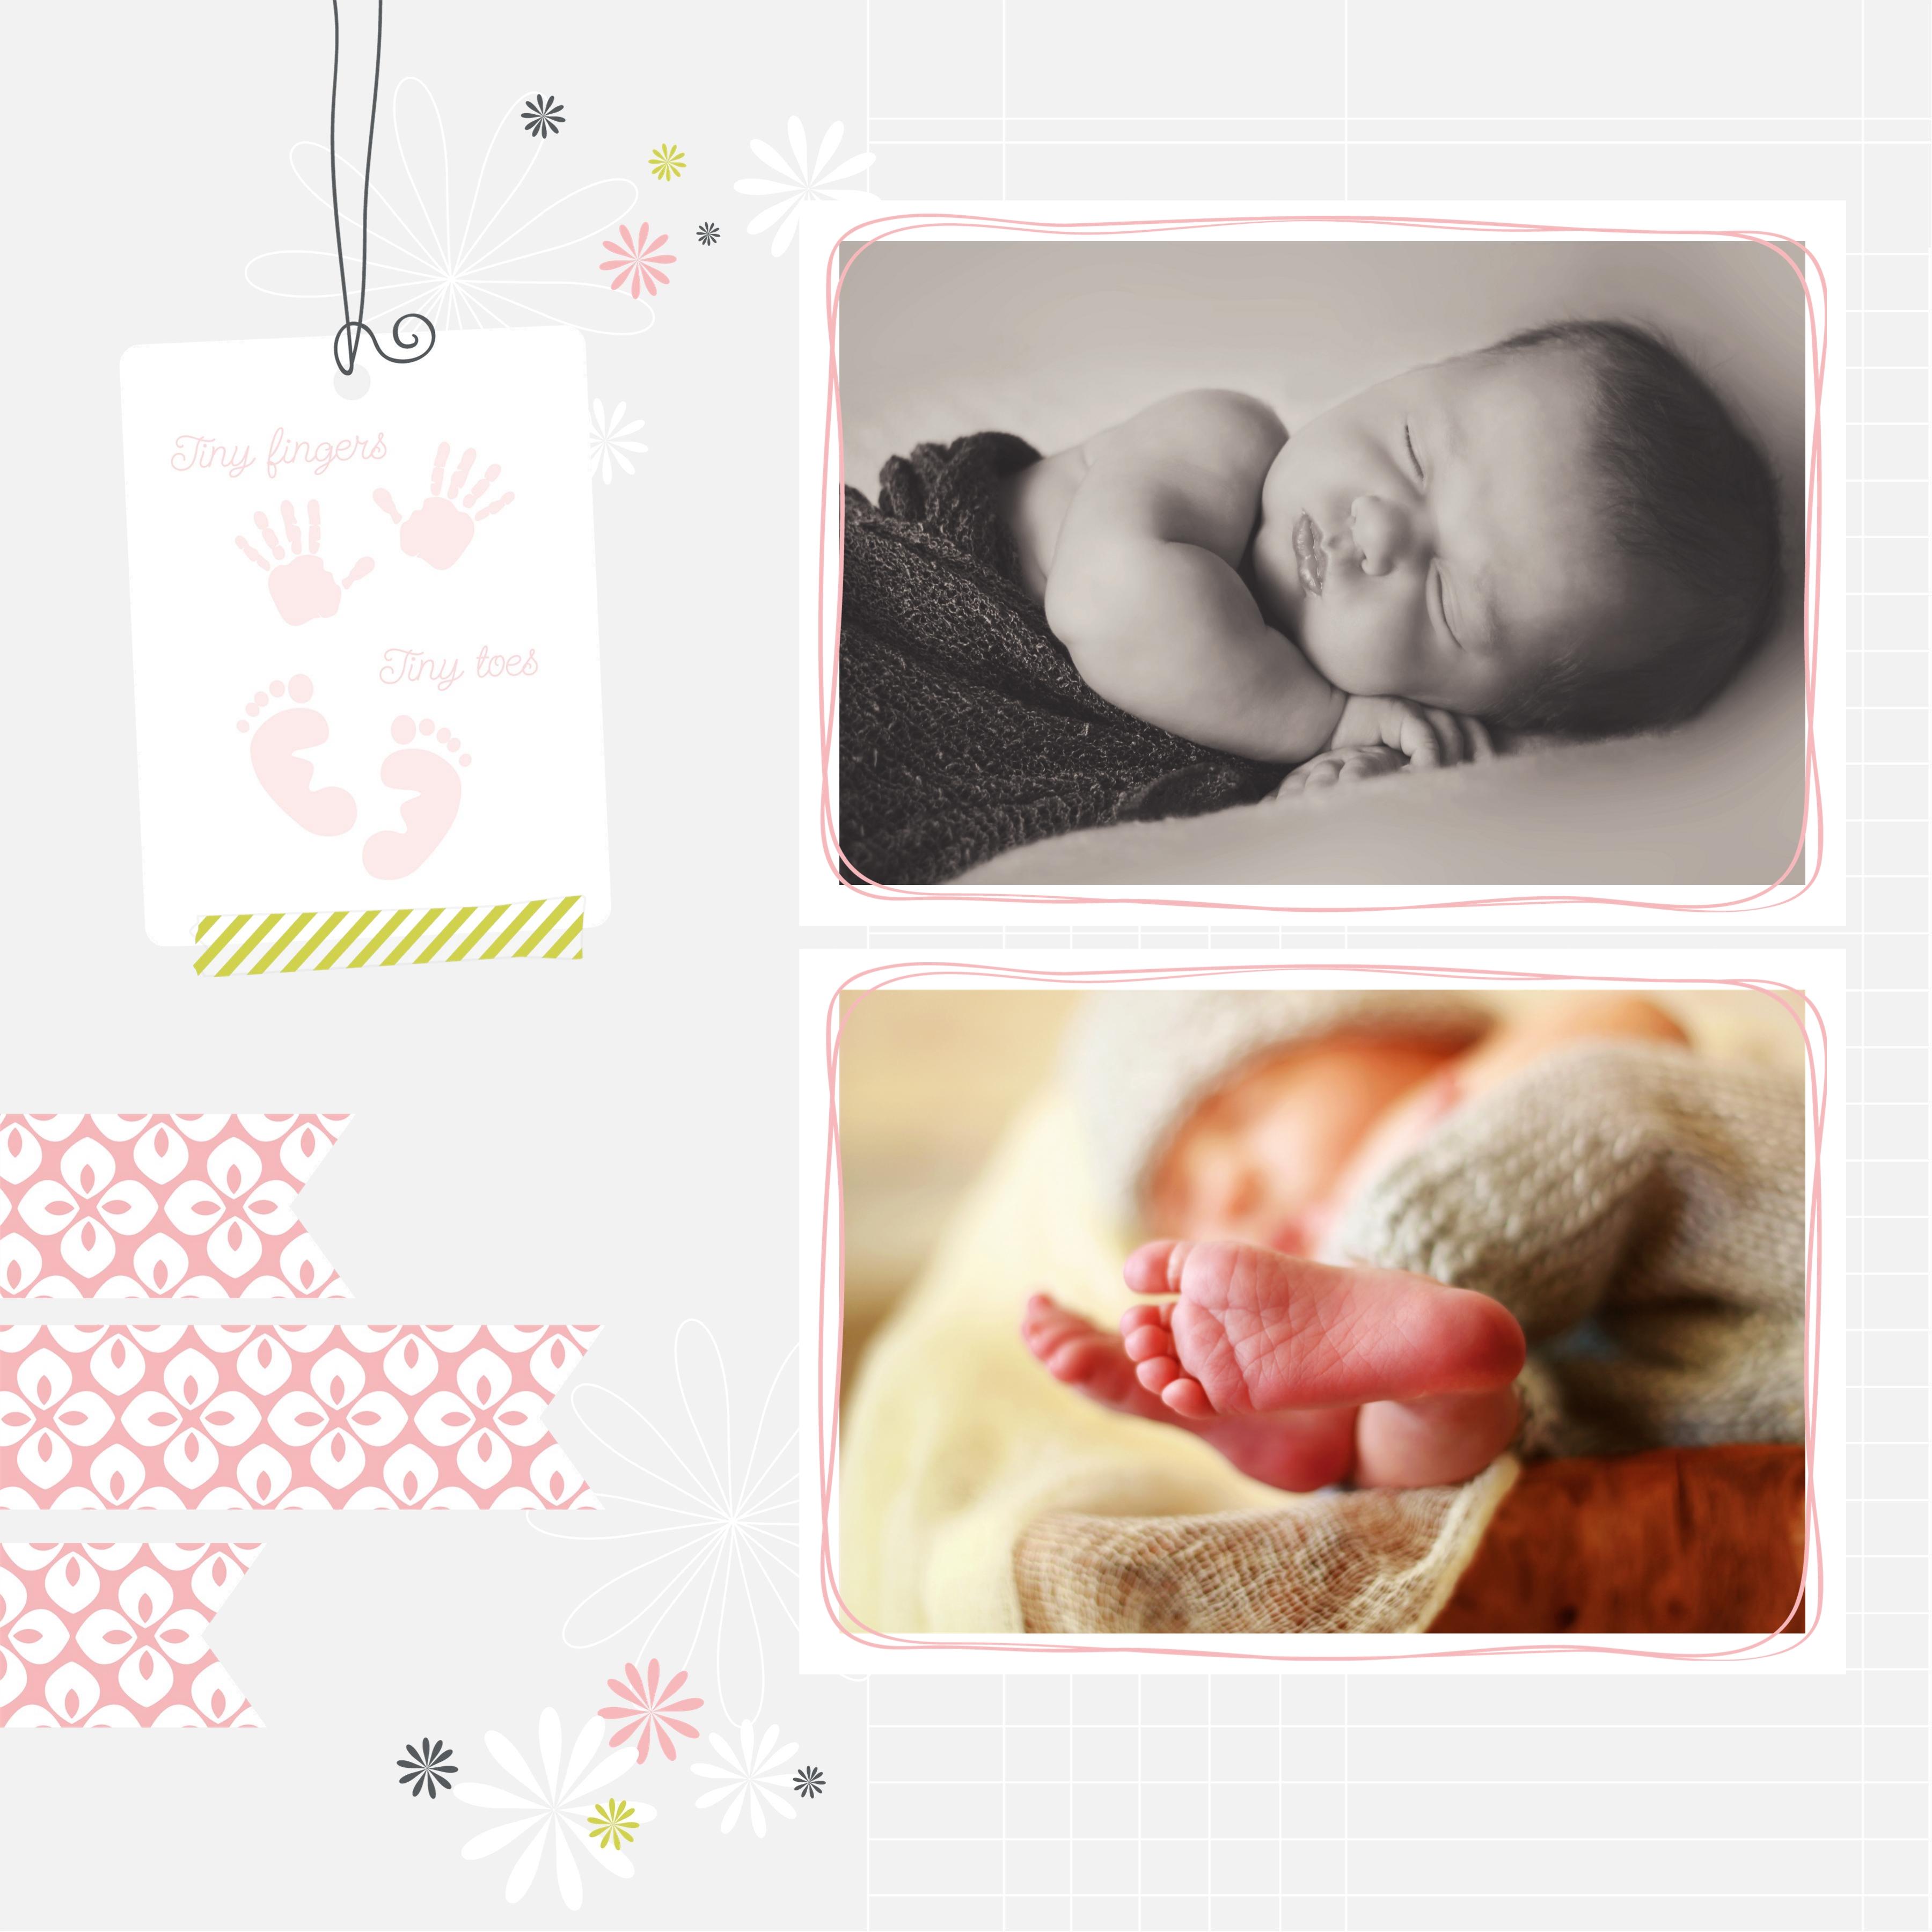 BabyGirl - Page 020.jpg